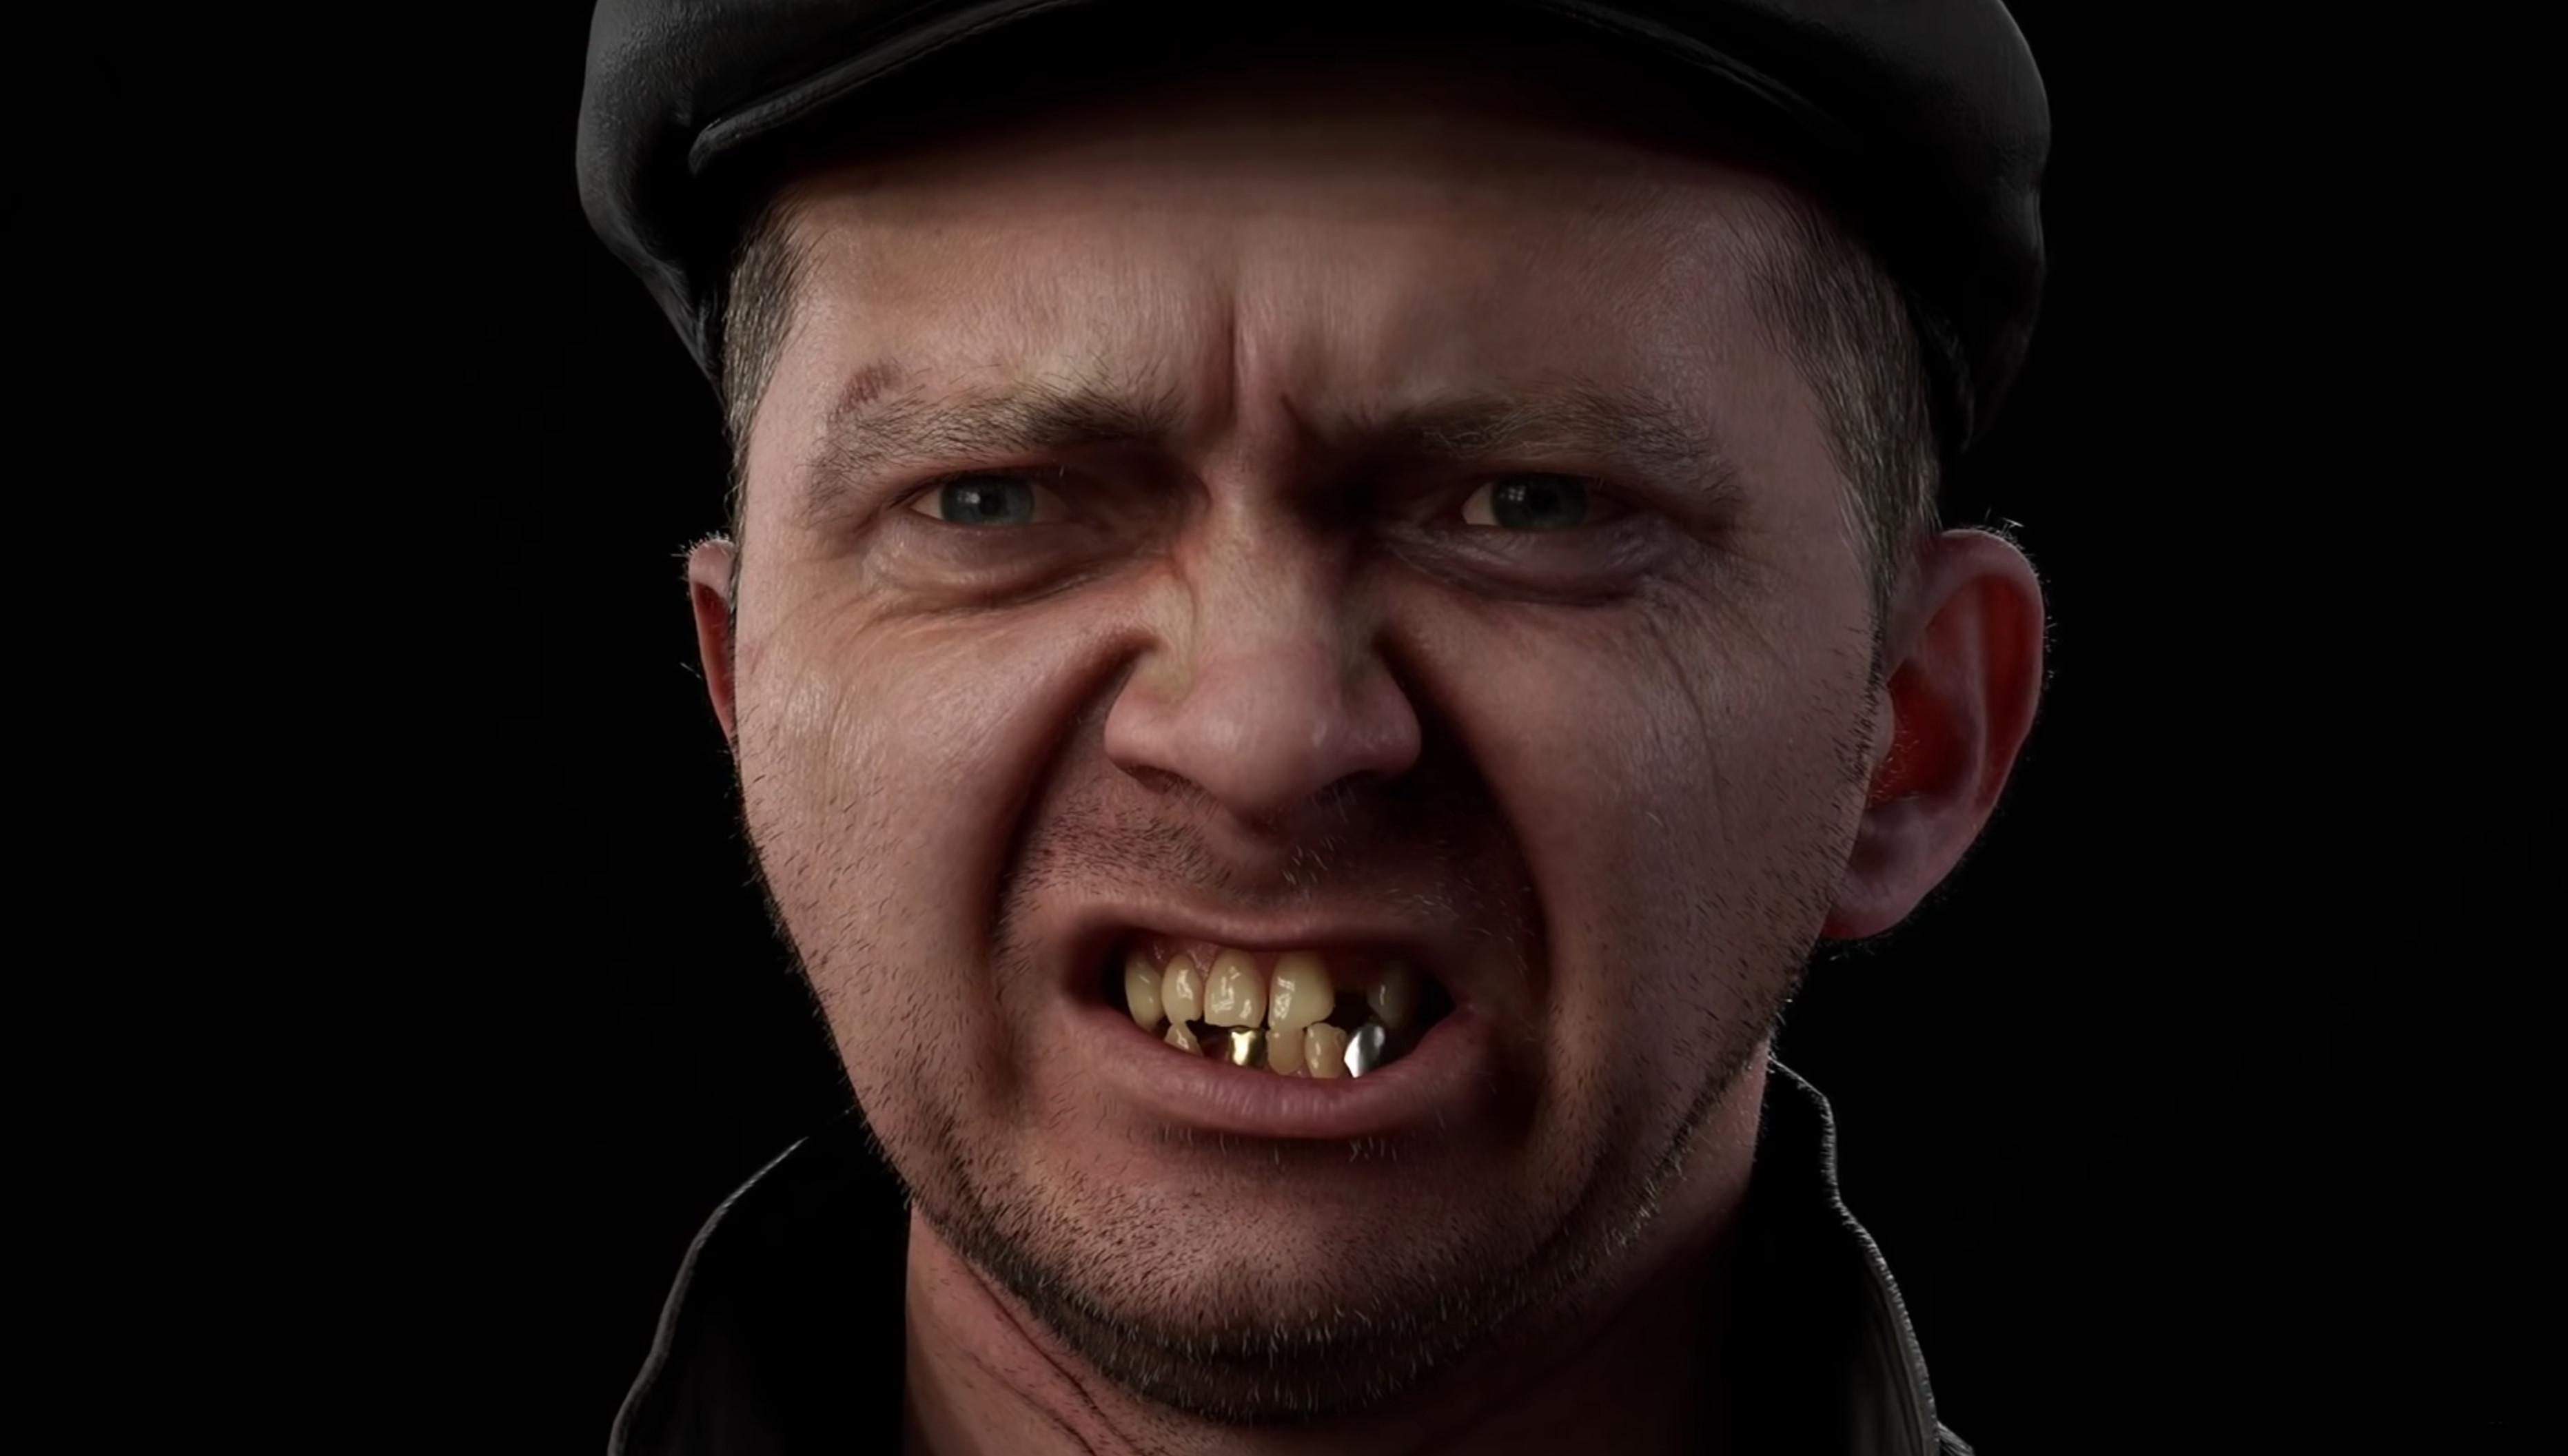 Stalker Teeth